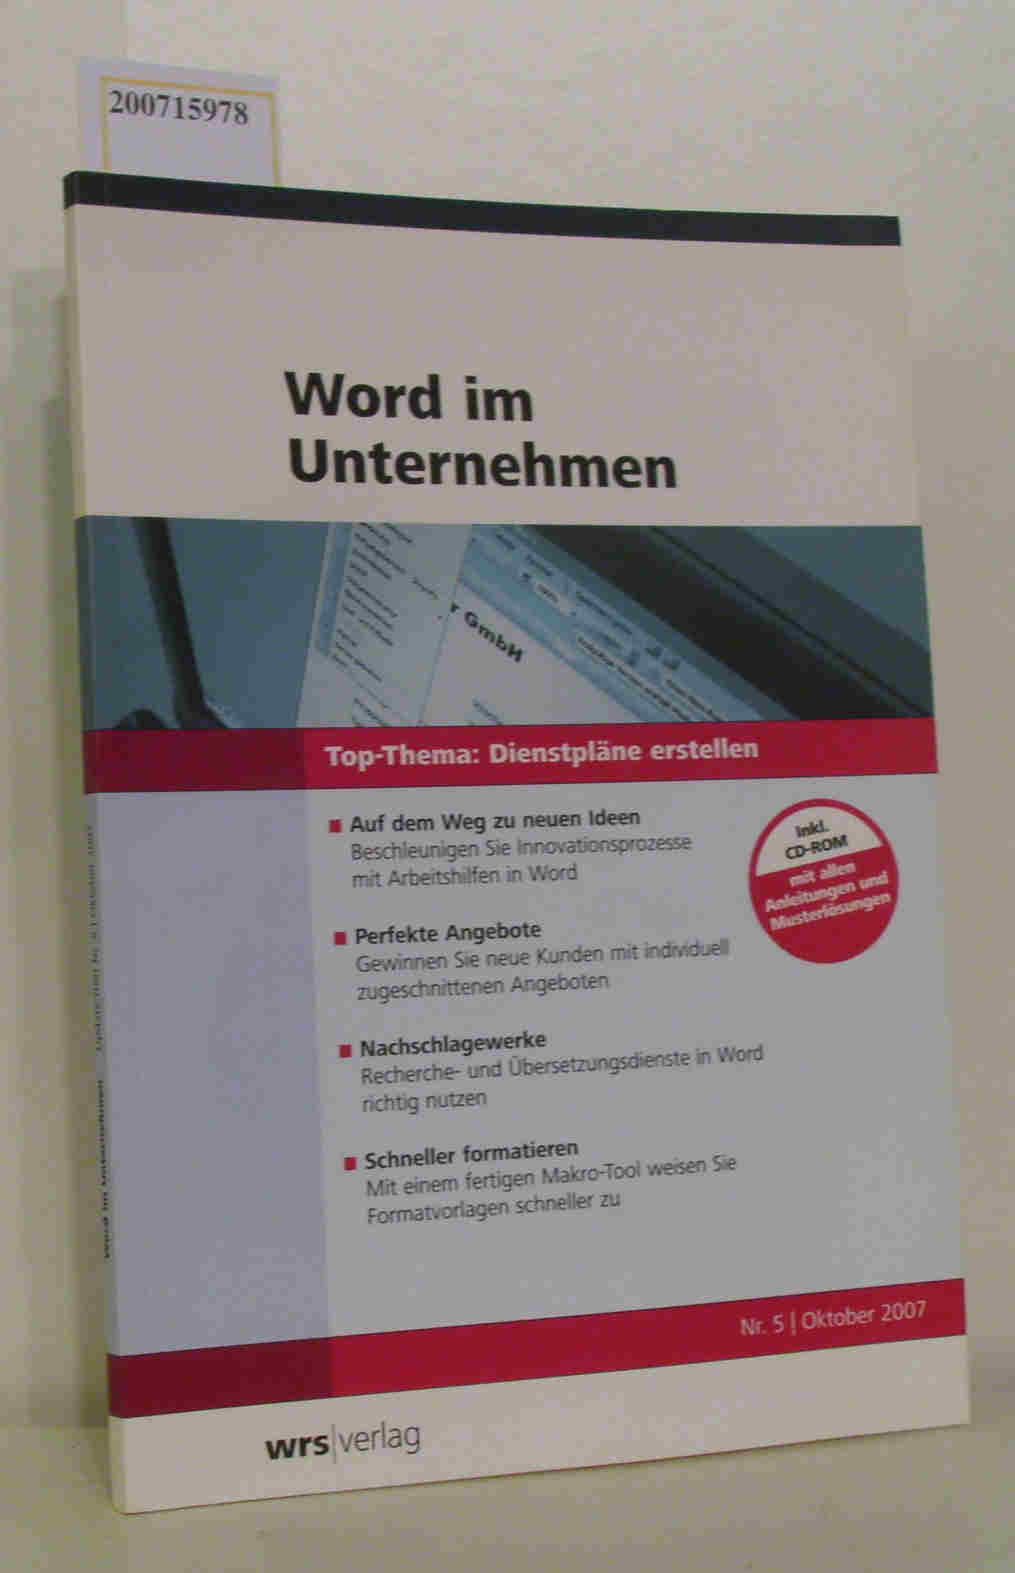 Word im Unternehmen- Dienstpläne erstellen